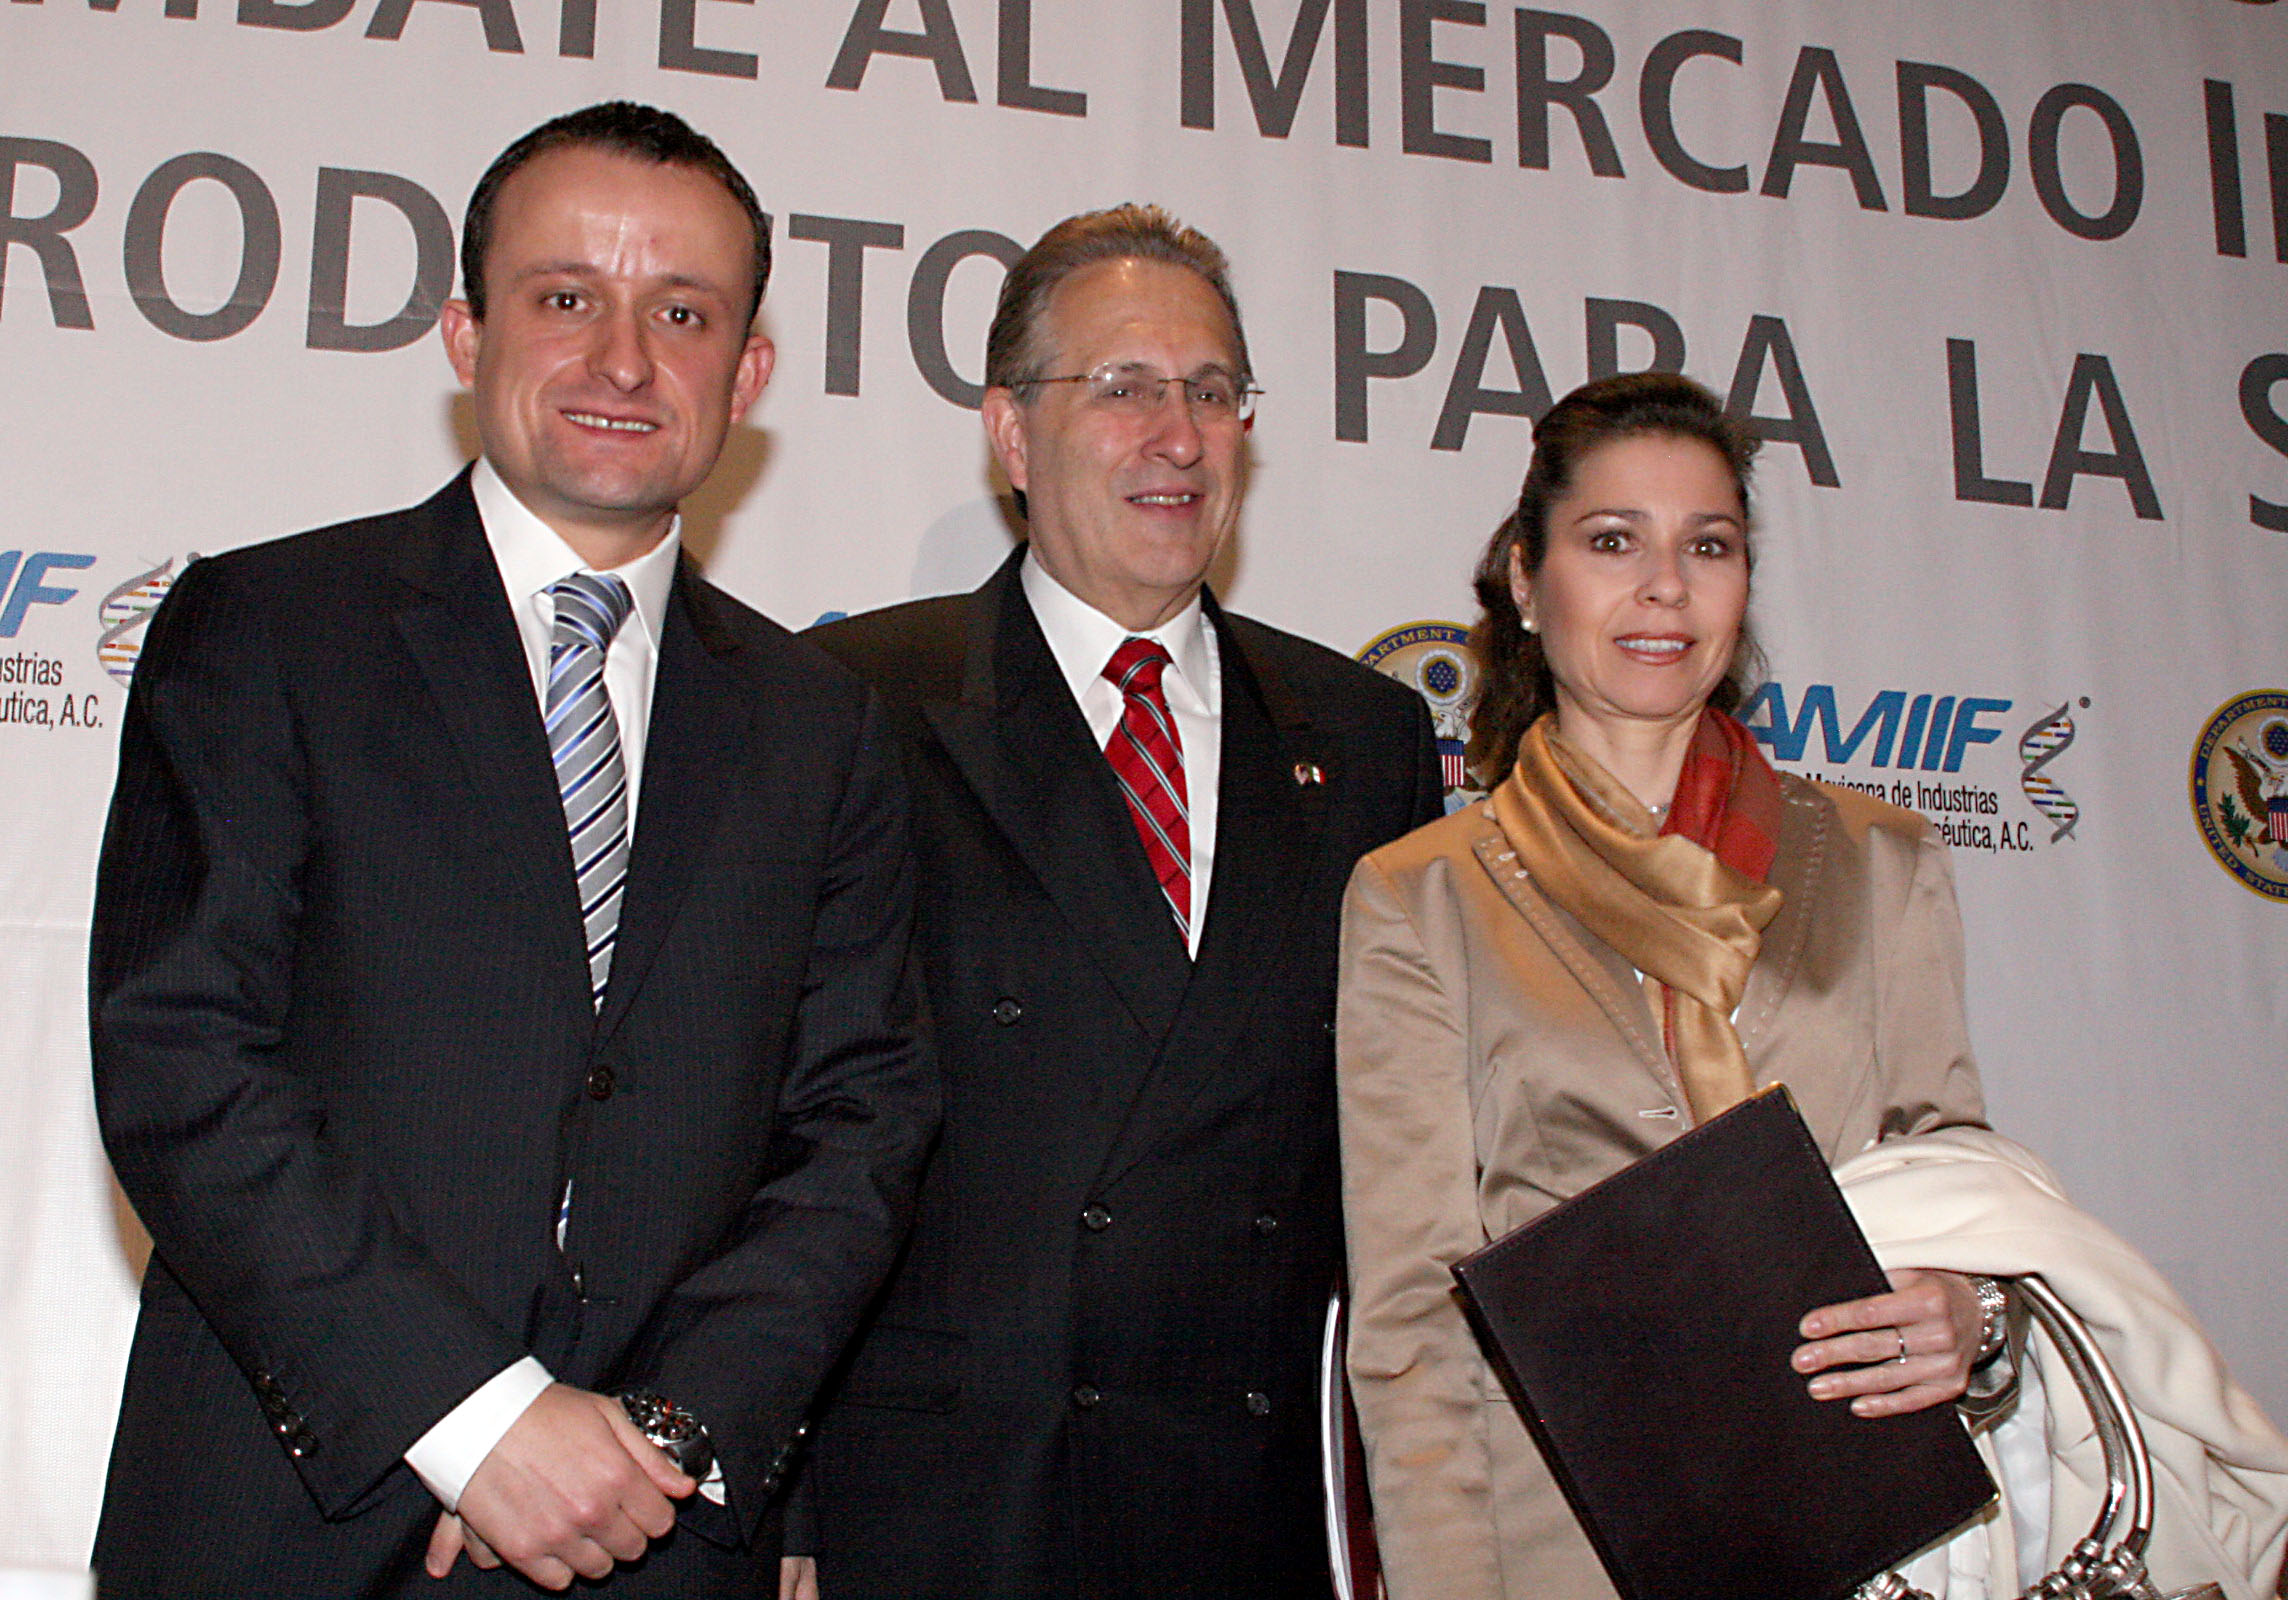 Acuerdan reforzar acciones para combatir el mercado ilegal de medicamentos.